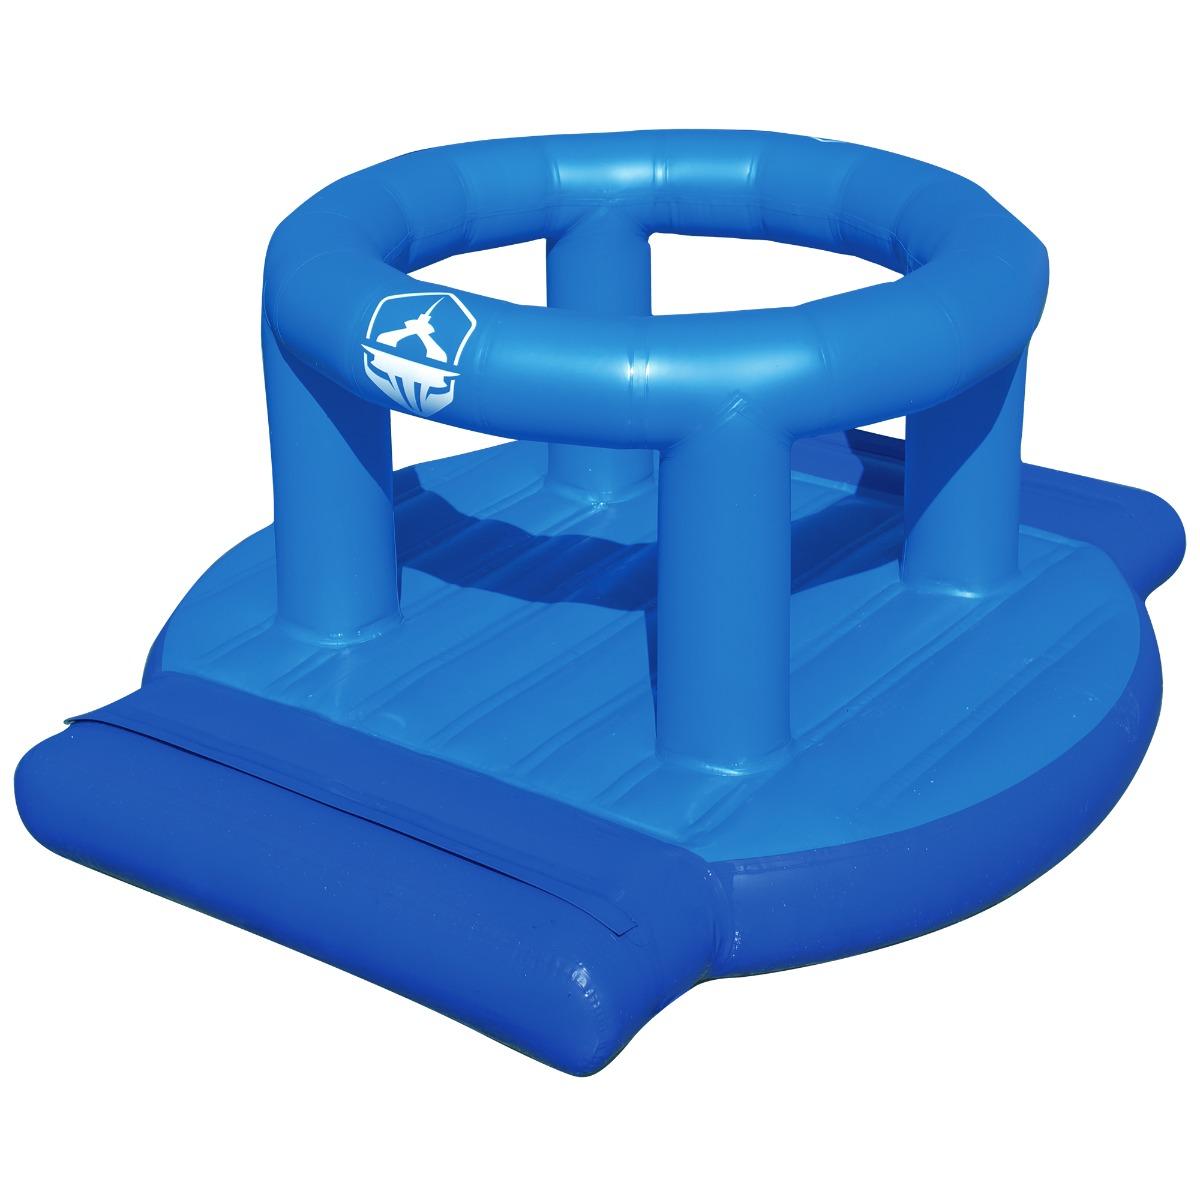 User Manual: Union Aquaparks Halo